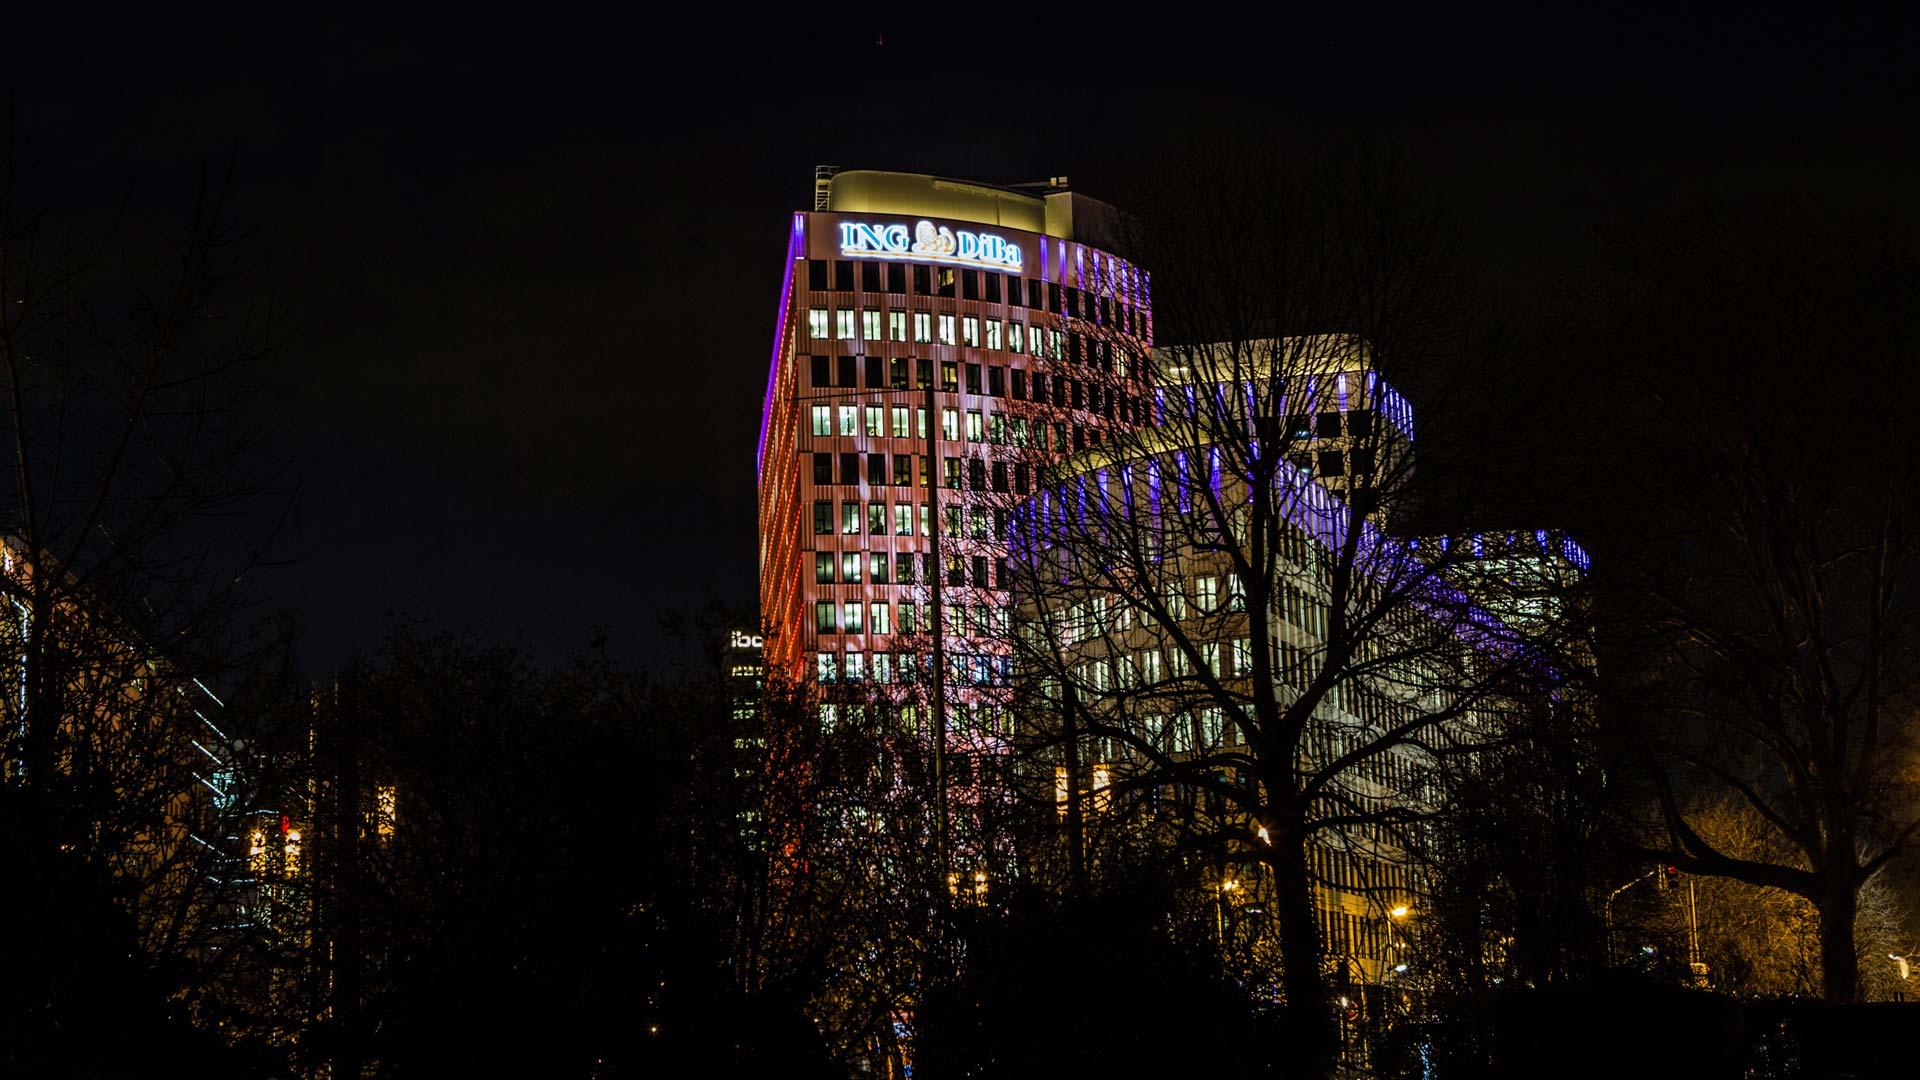 MAASS-Lichtplanung_Lichkunst zur Luminale 2016 am ING-DiBa Gebäude__MAASS-Luminaleo-012